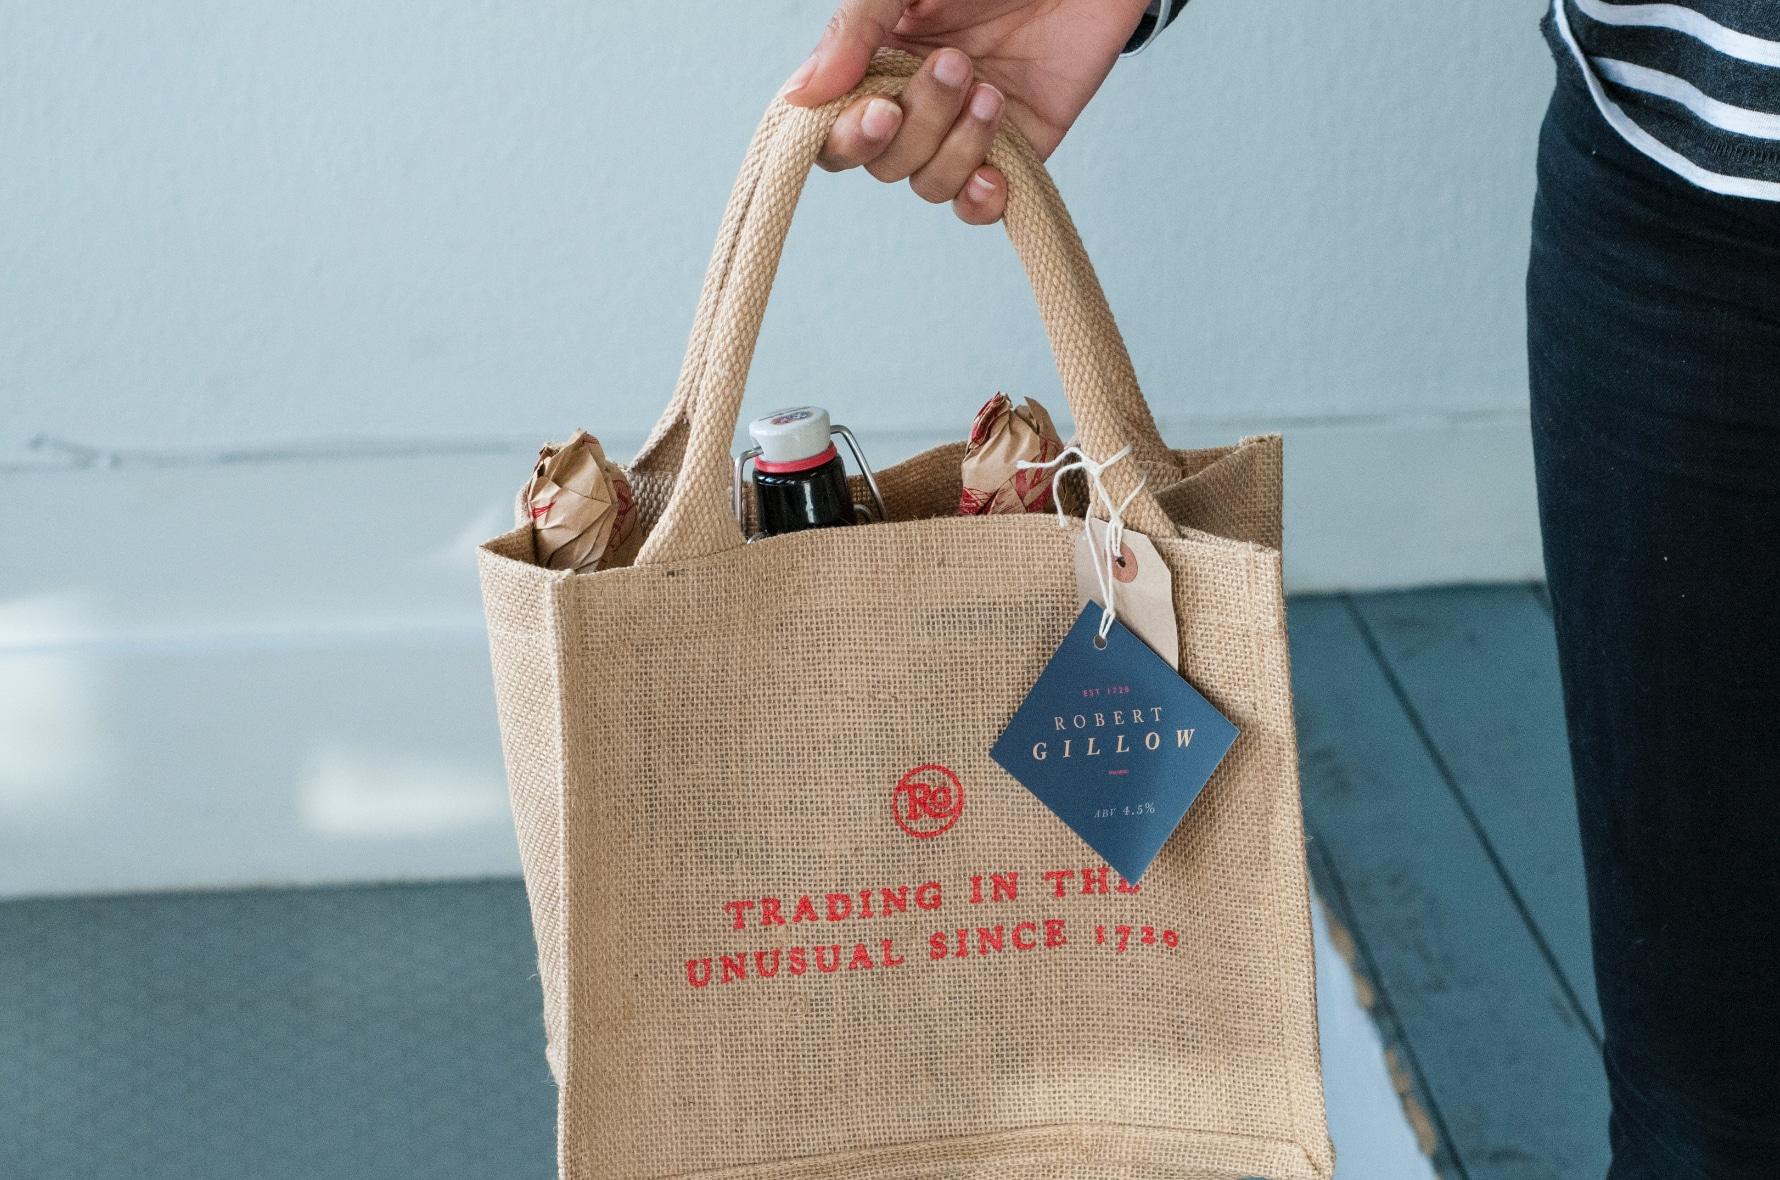 Robert Gillow giveaway bag